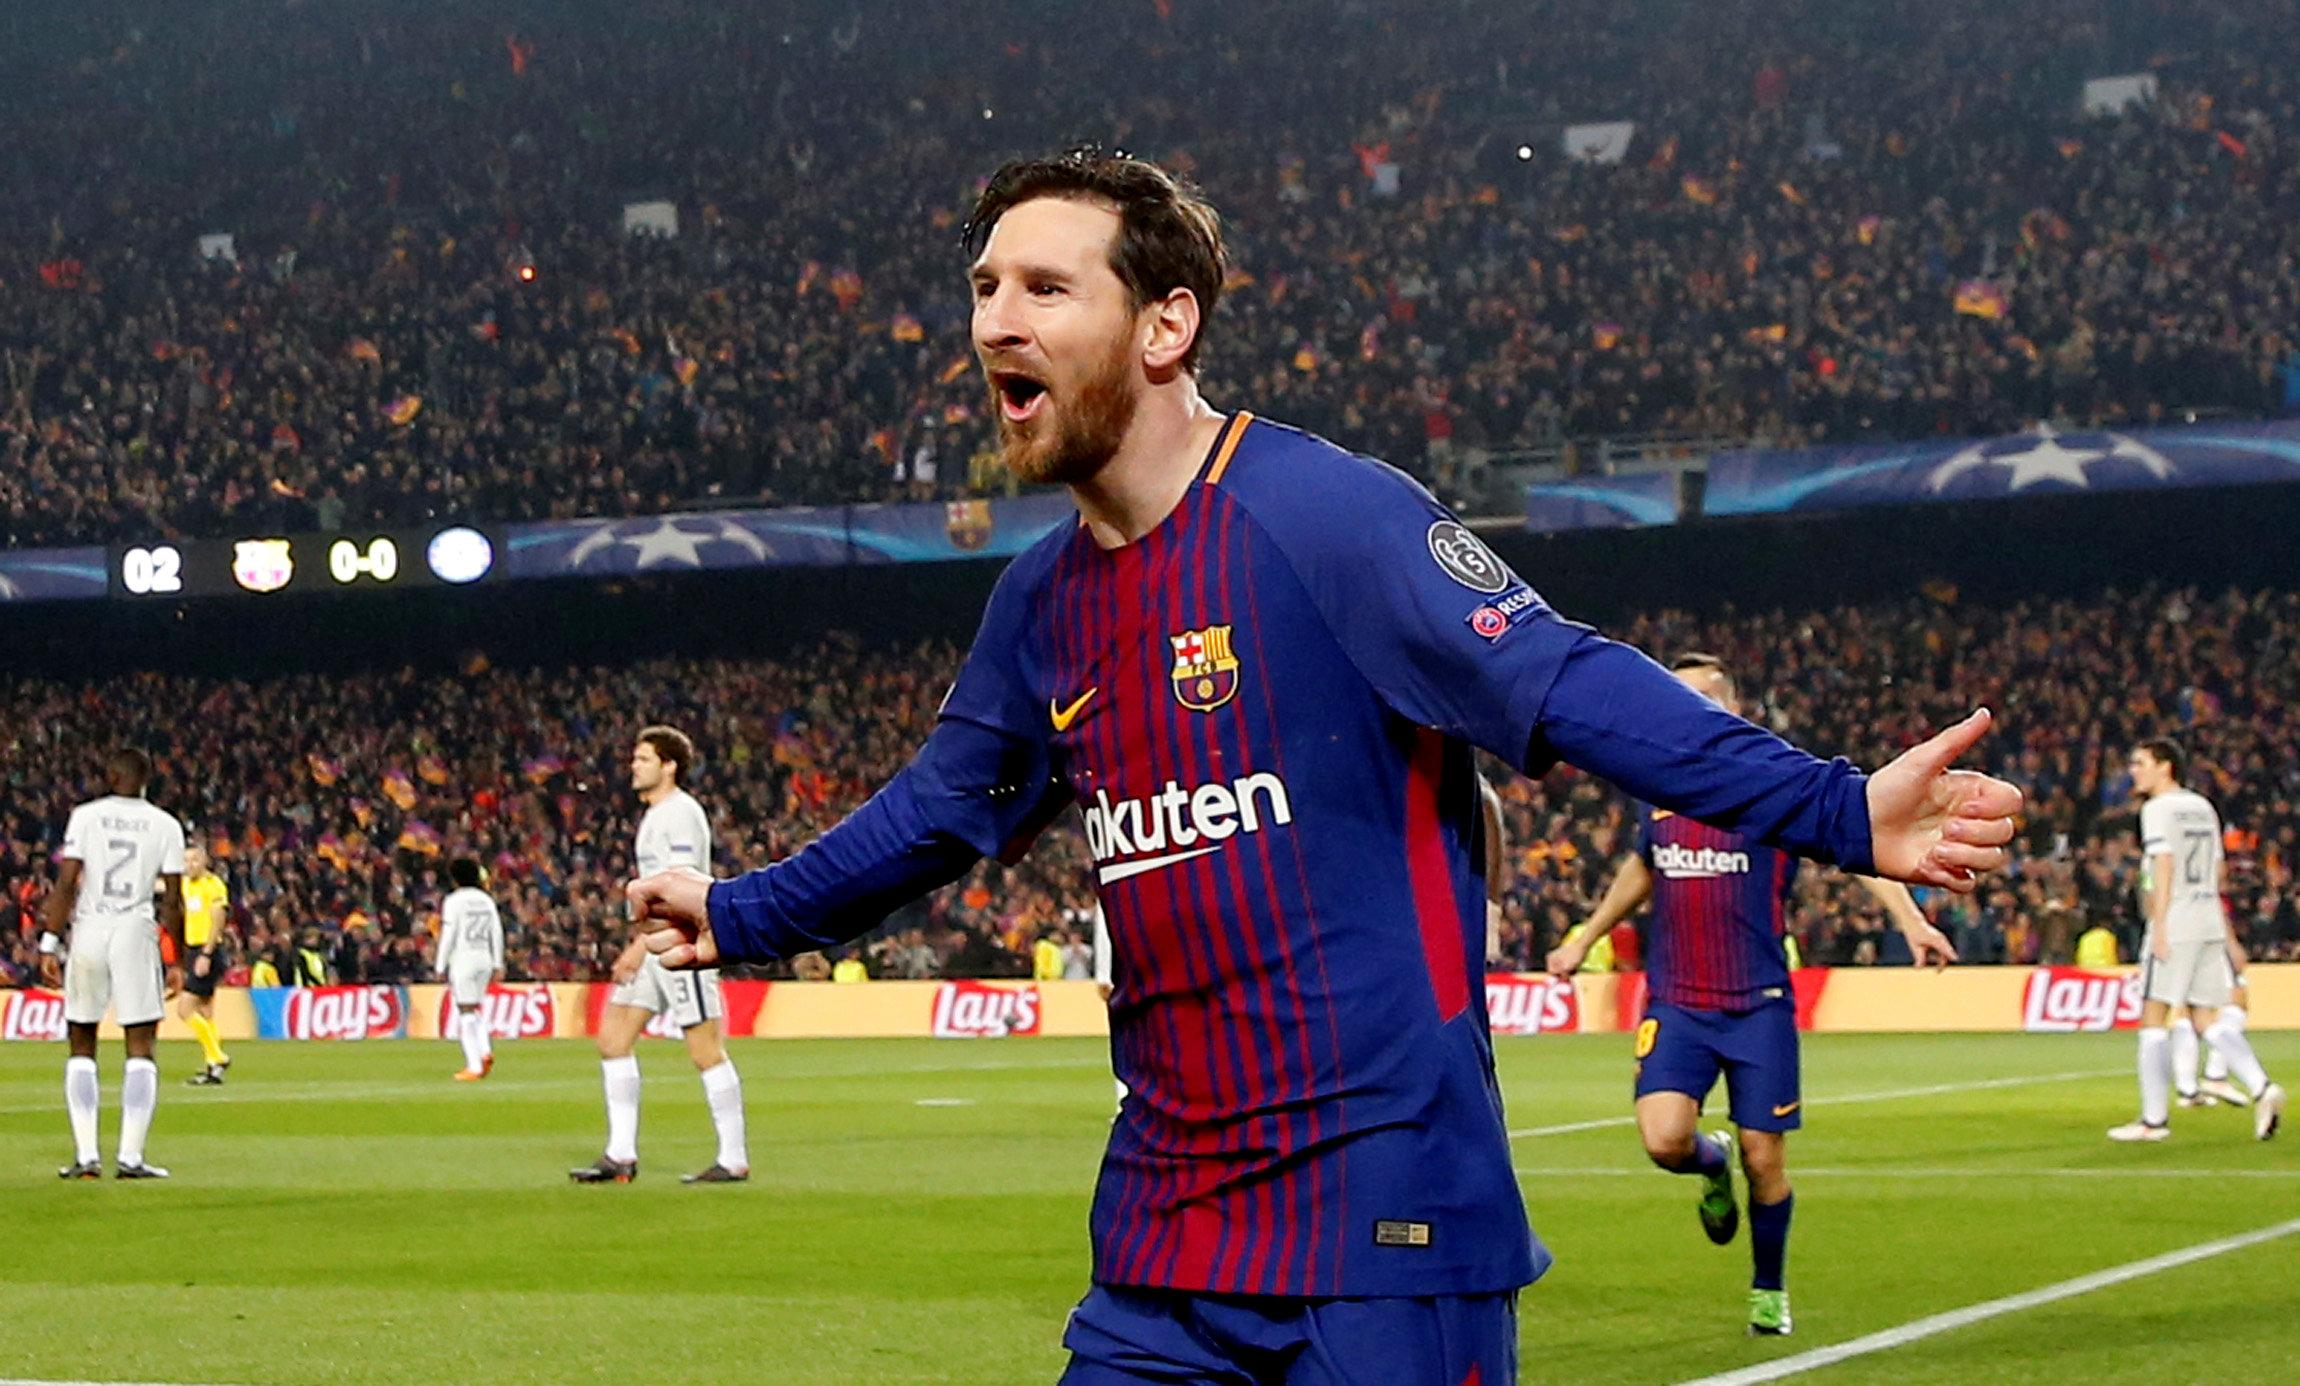 Niềm vui của Messi sau khi mở tỉ số cho Barcelona. Ảnh: REUTERS